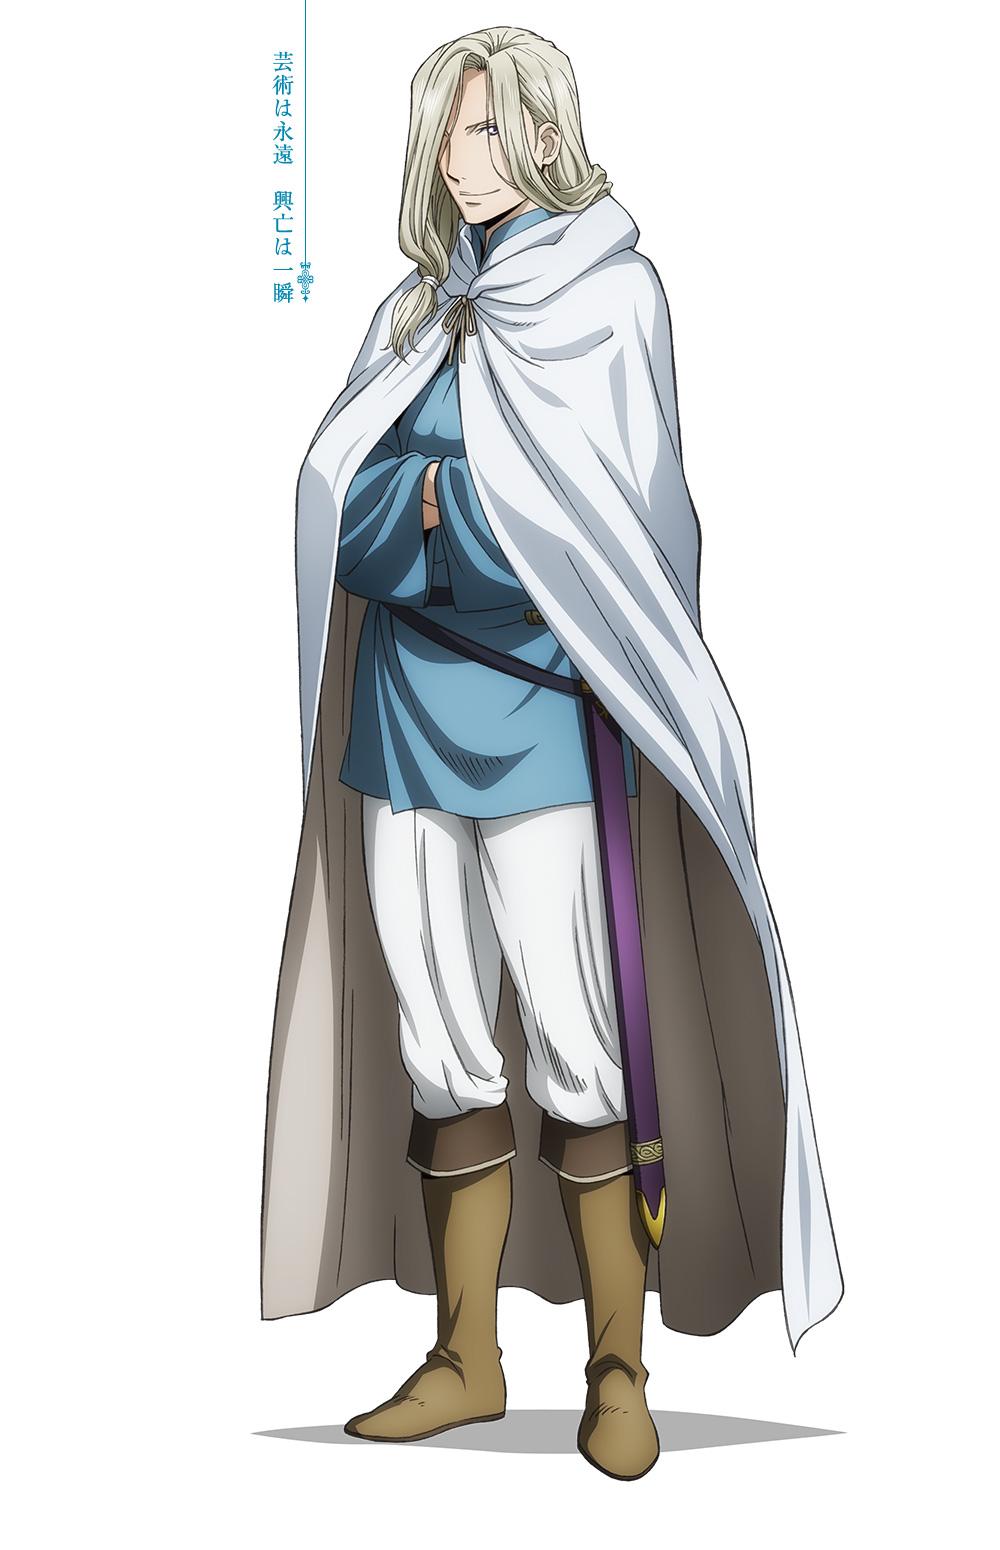 New Arslan Senki Anime Visual Ending Theme Amp Commercial